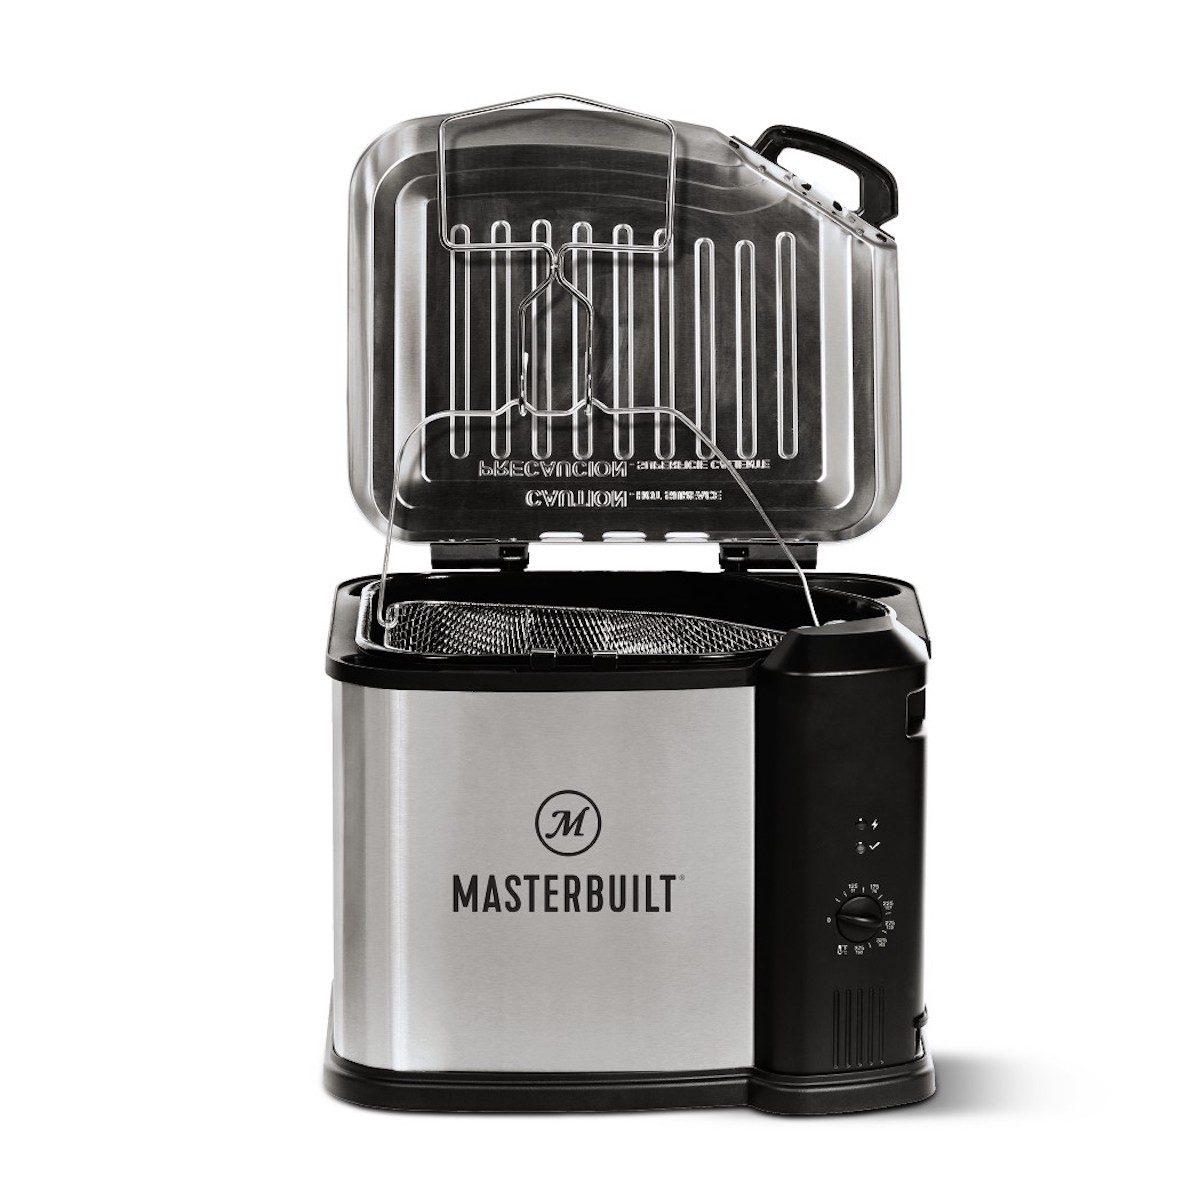 Masterbuilt XL Electric Turkey Fryer